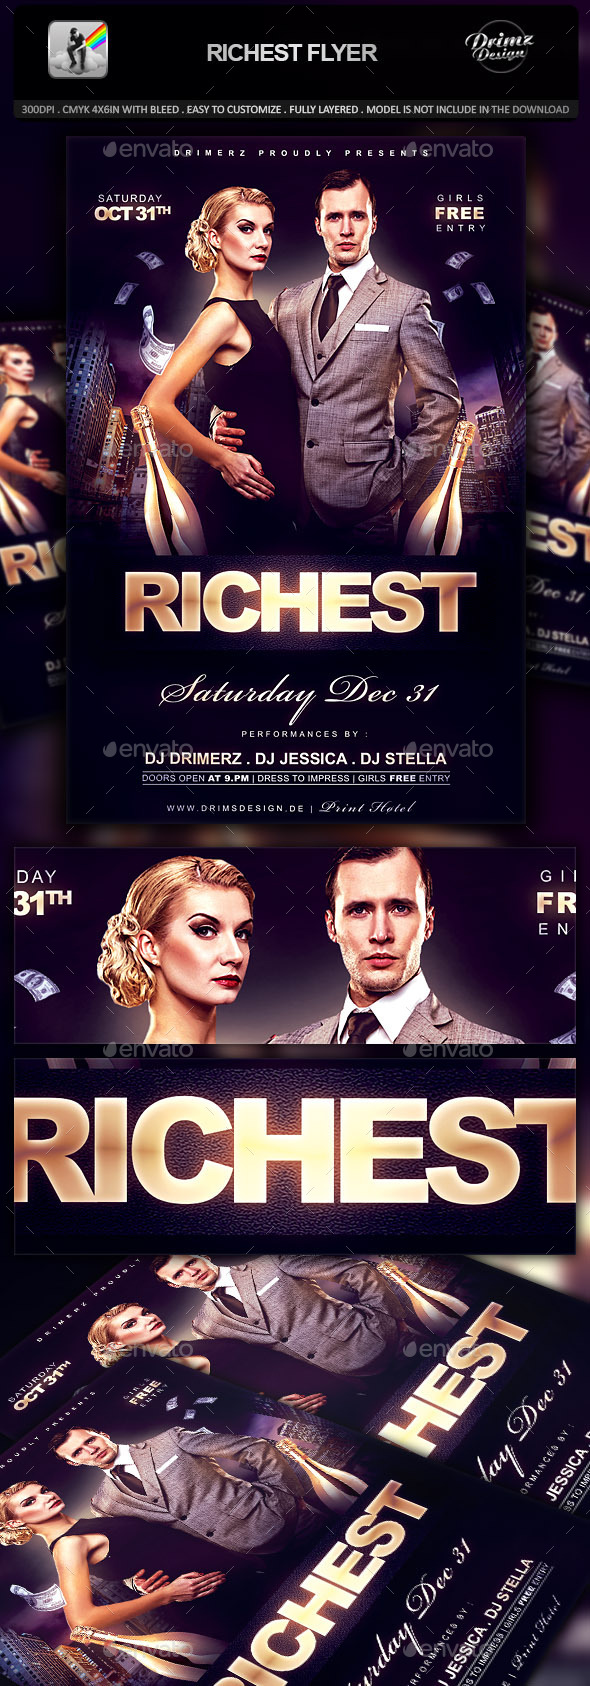 Richest Flyer